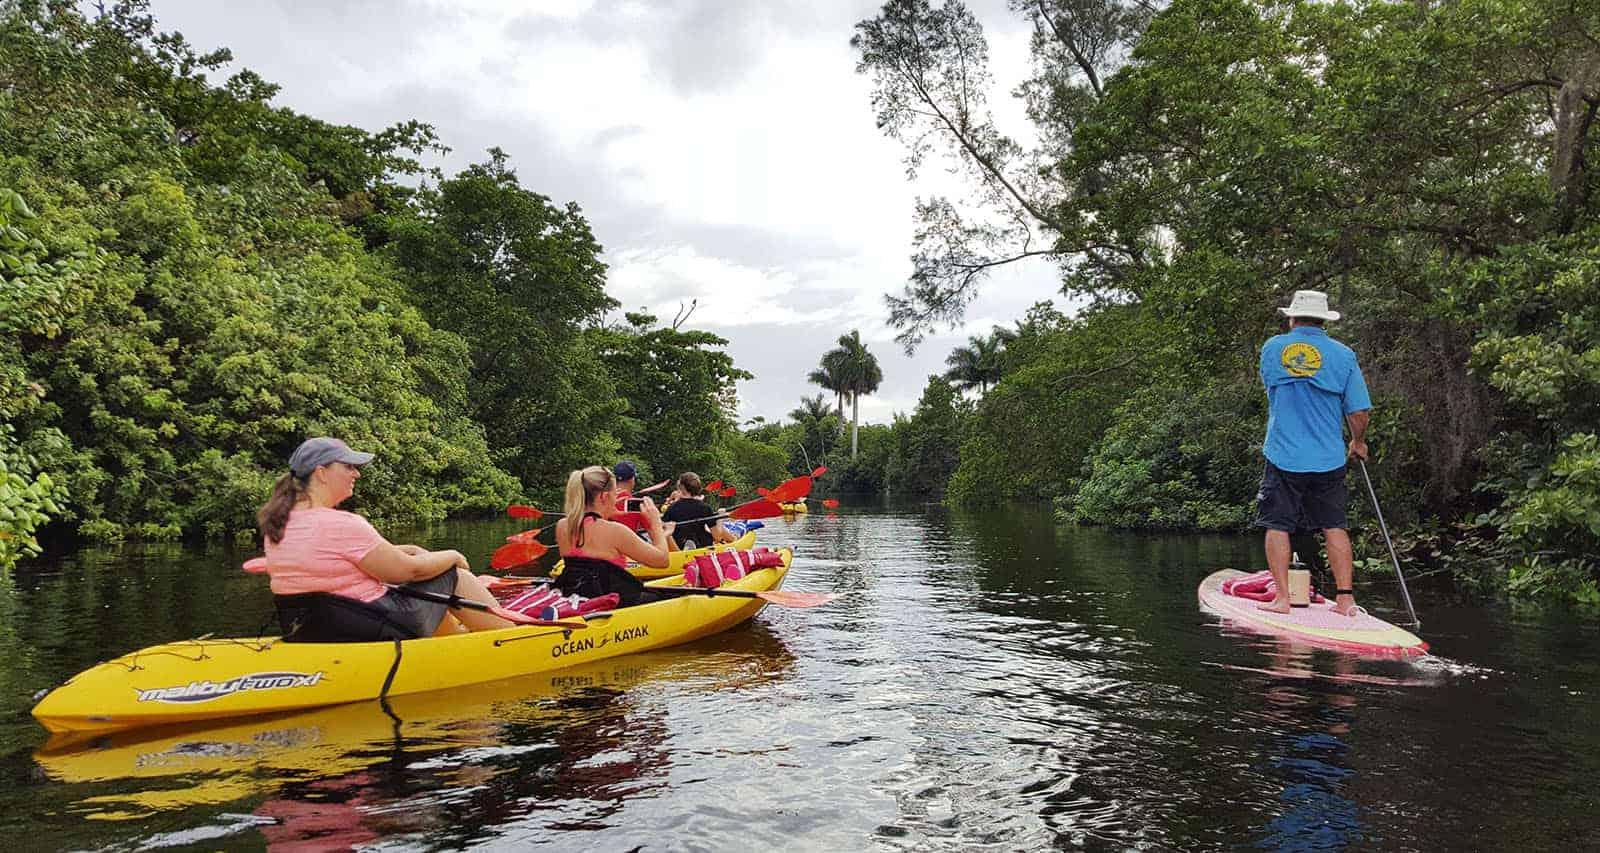 Fort Lauderdale Kayaking Tour with Atlantic Coast Kayak